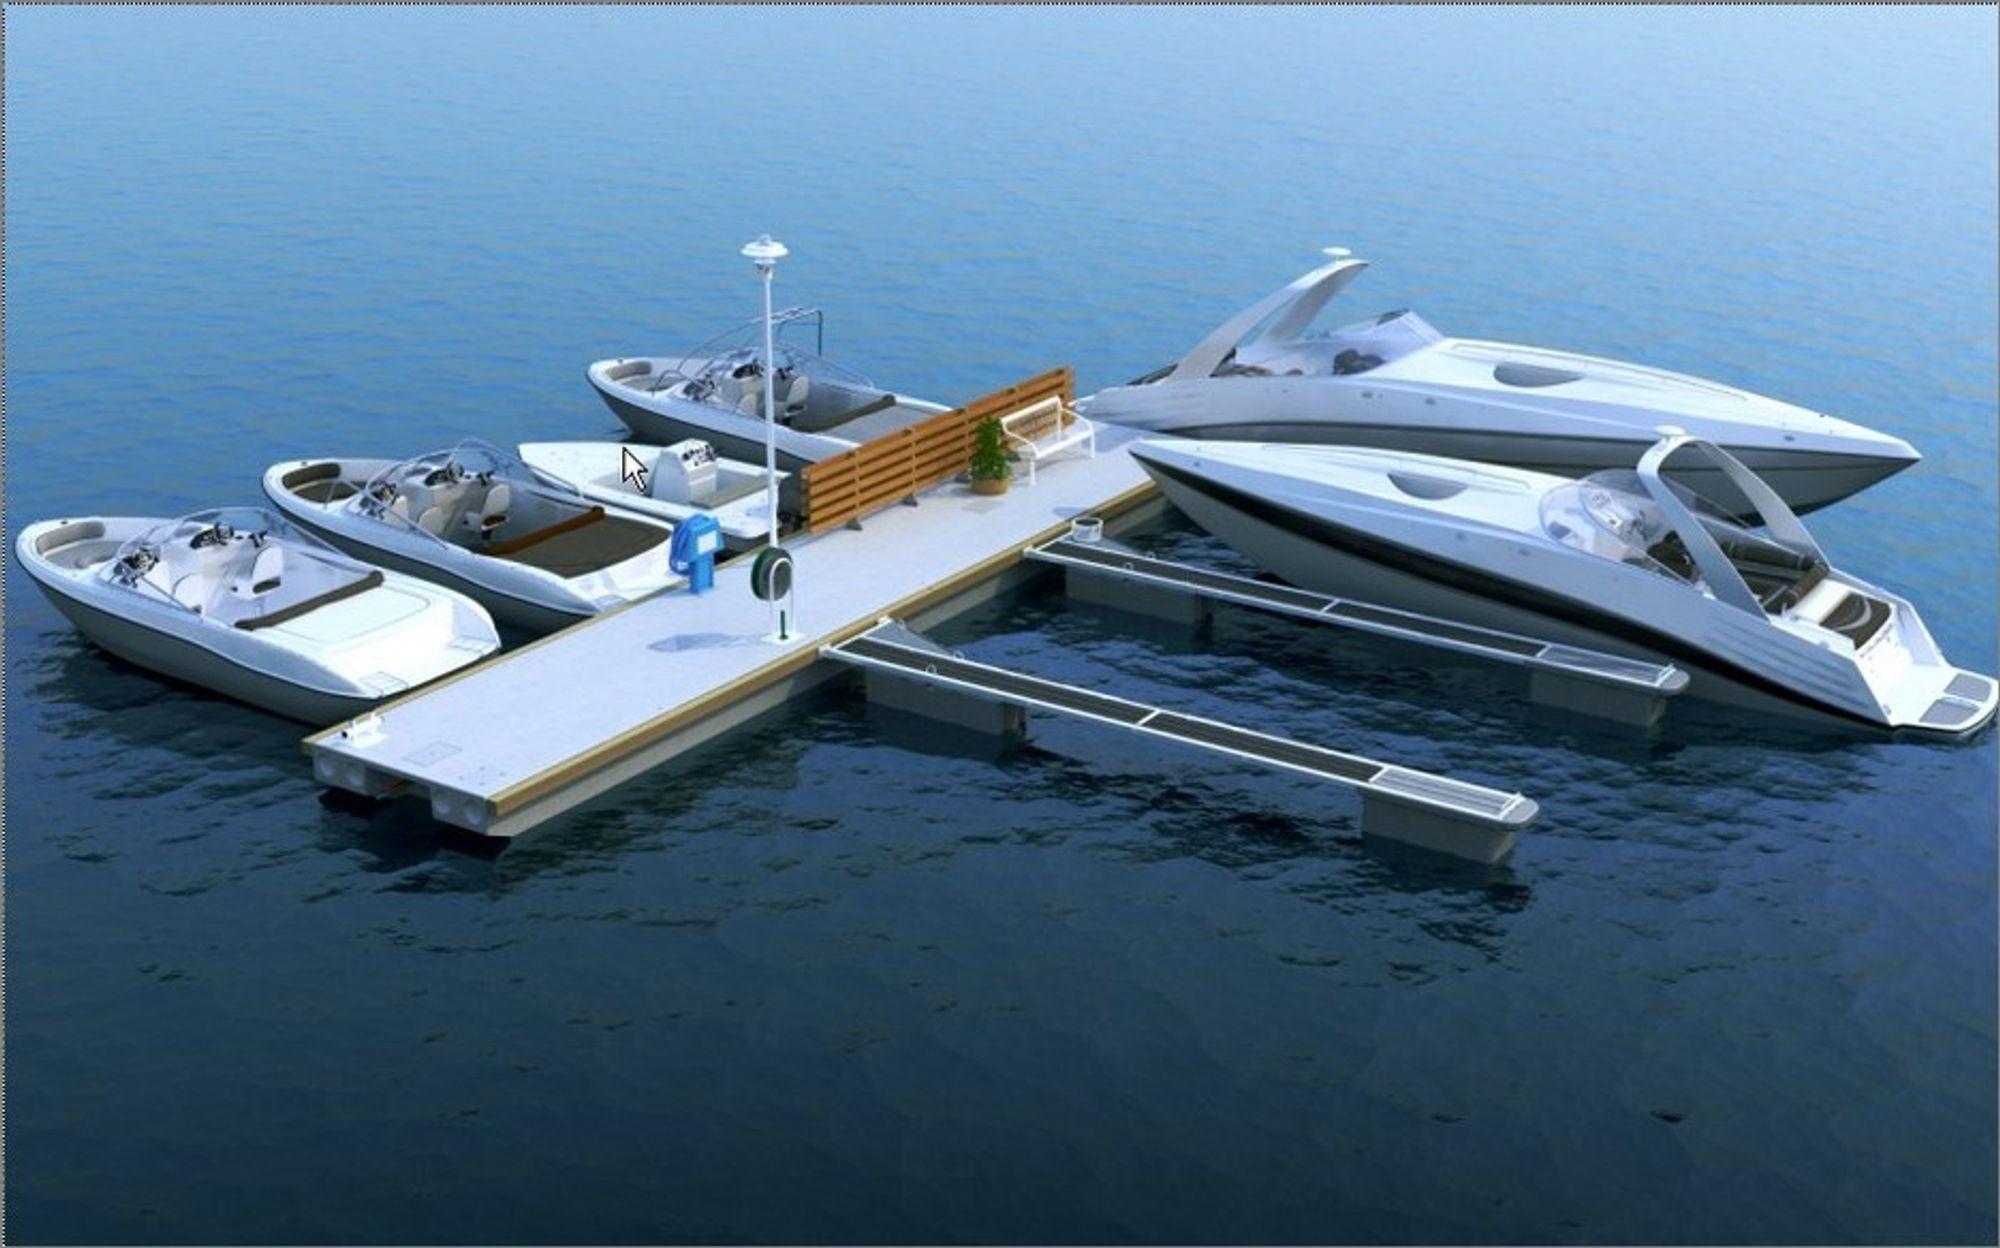 FLYTER: Ørsta Marina Systems har søkt patent på sin Futura brygge med innstøpte kanaler for framføring av strøm, vann og annet.